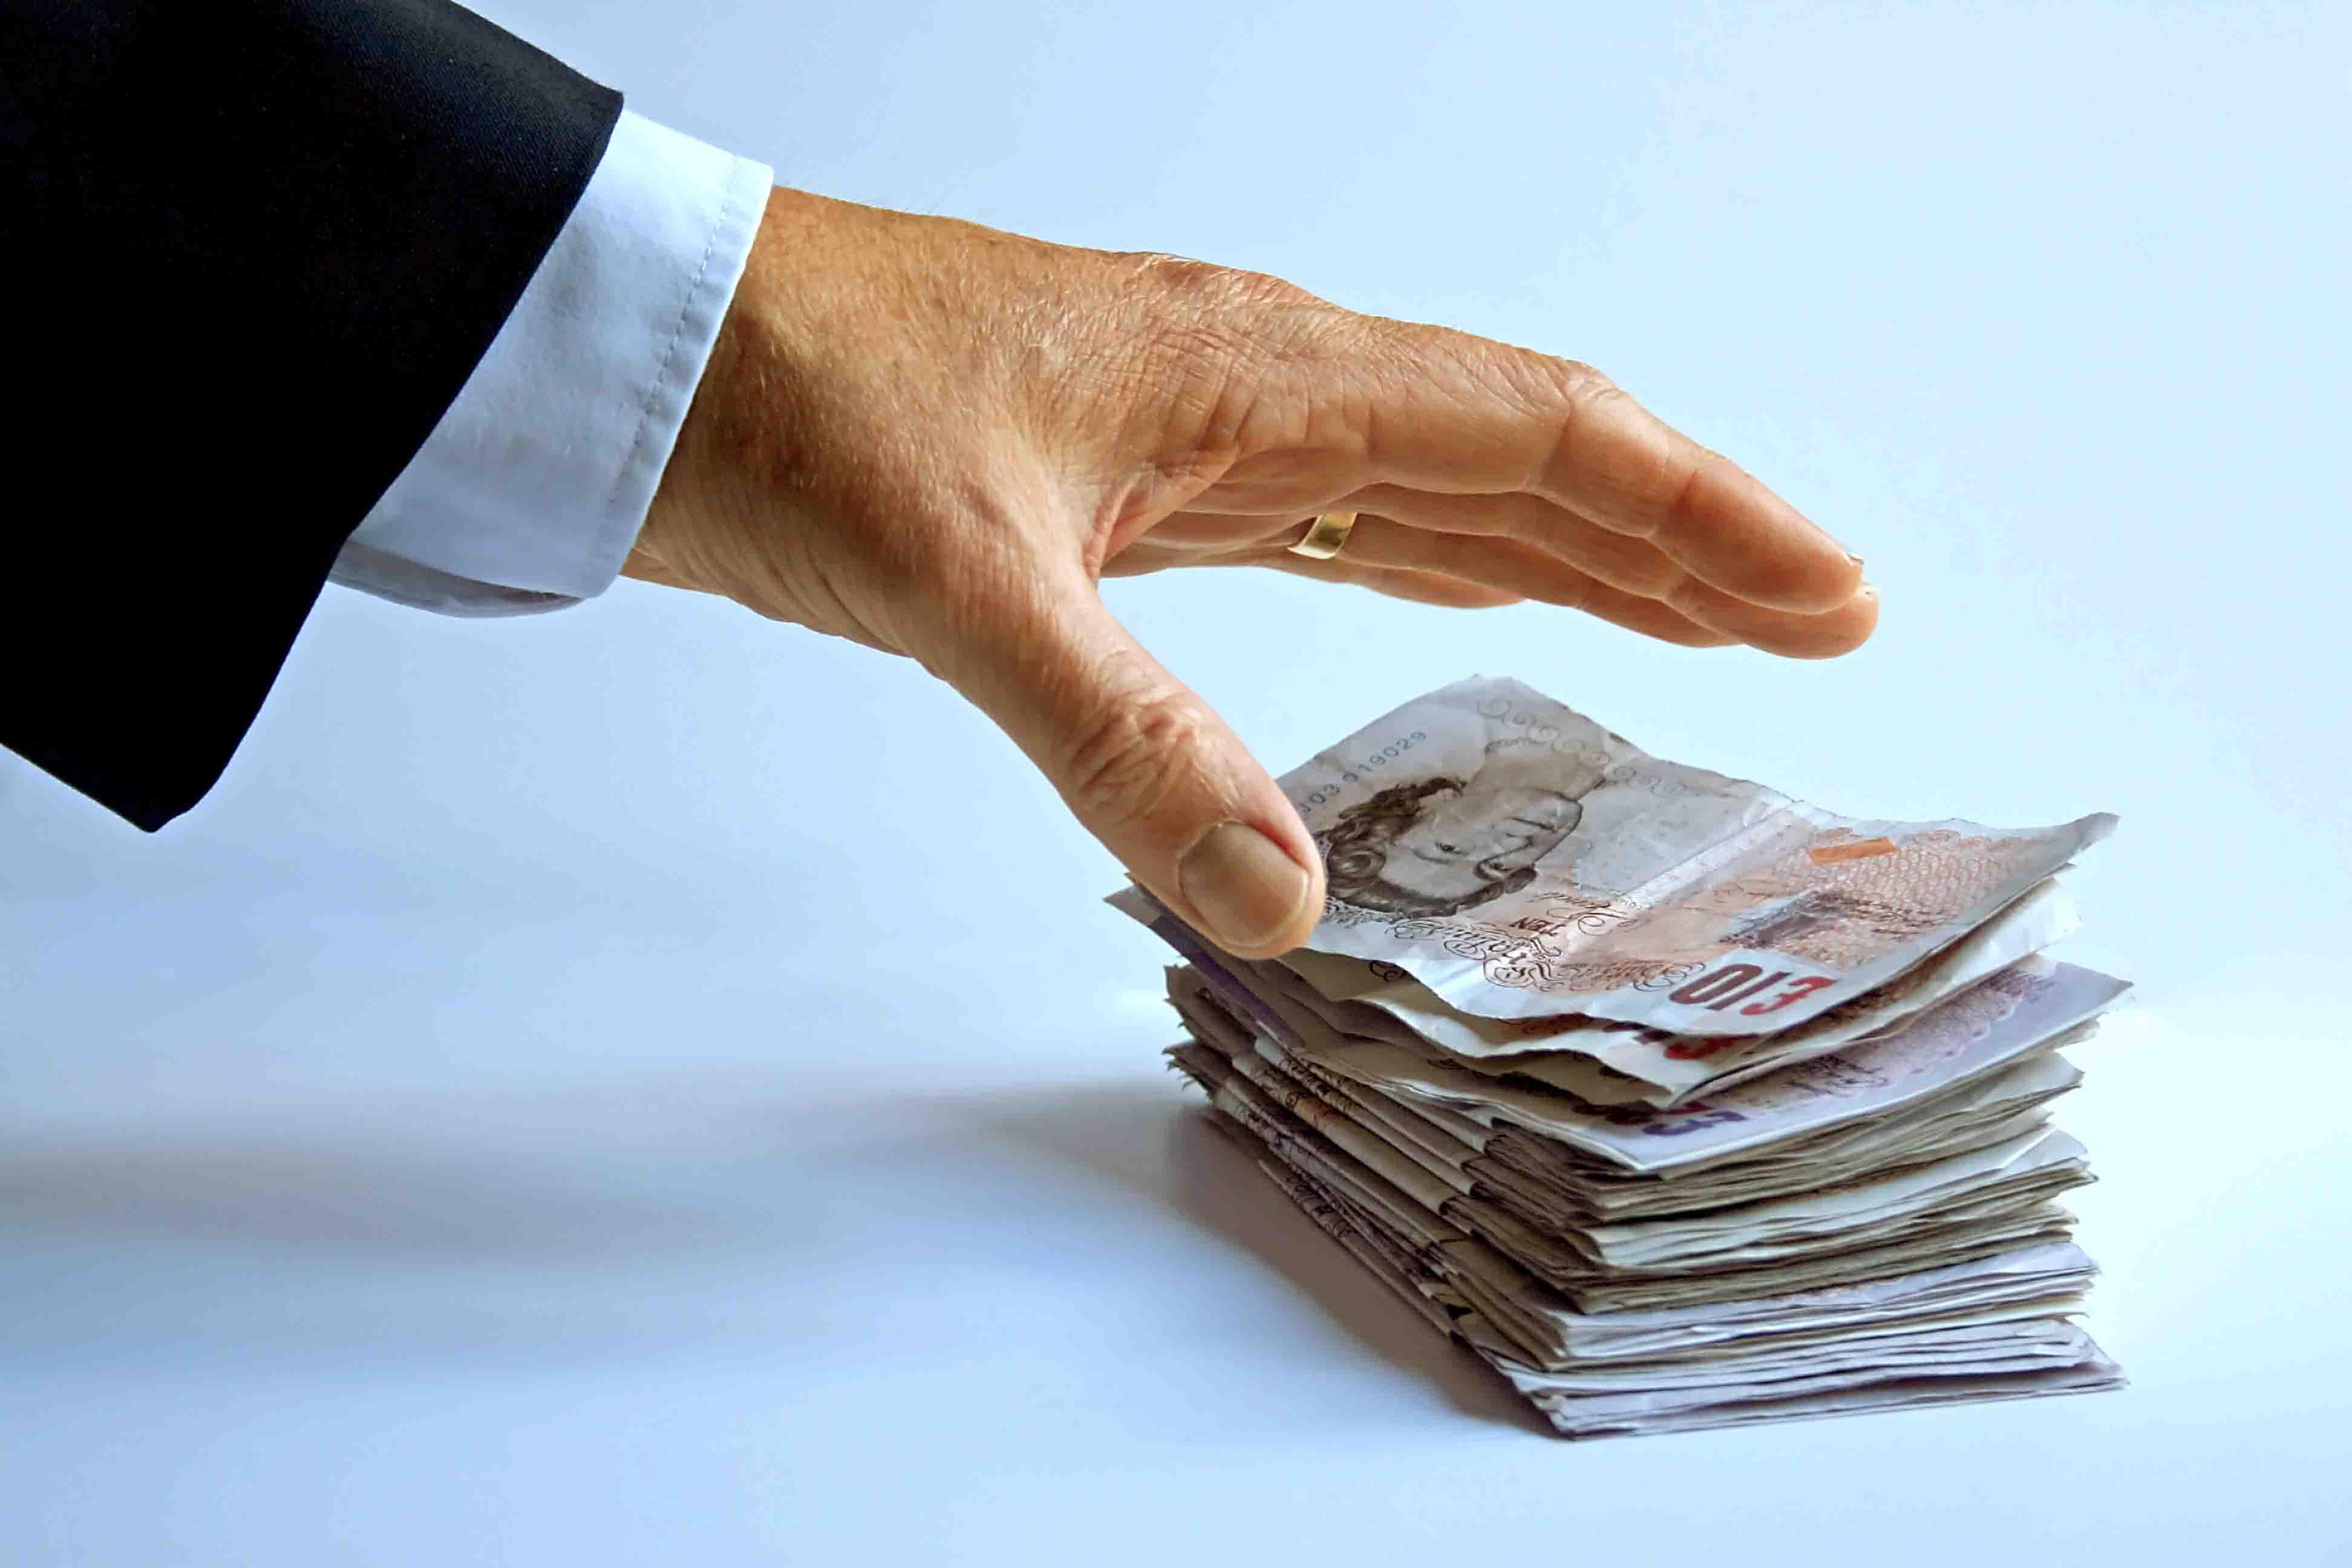 money grab תהליכי התפתחות כלכלית. כסף , כלכלת המשפחה וכלכלה התנהגותית. אימון ,פסיכולוגיה, קואצ'ינג.